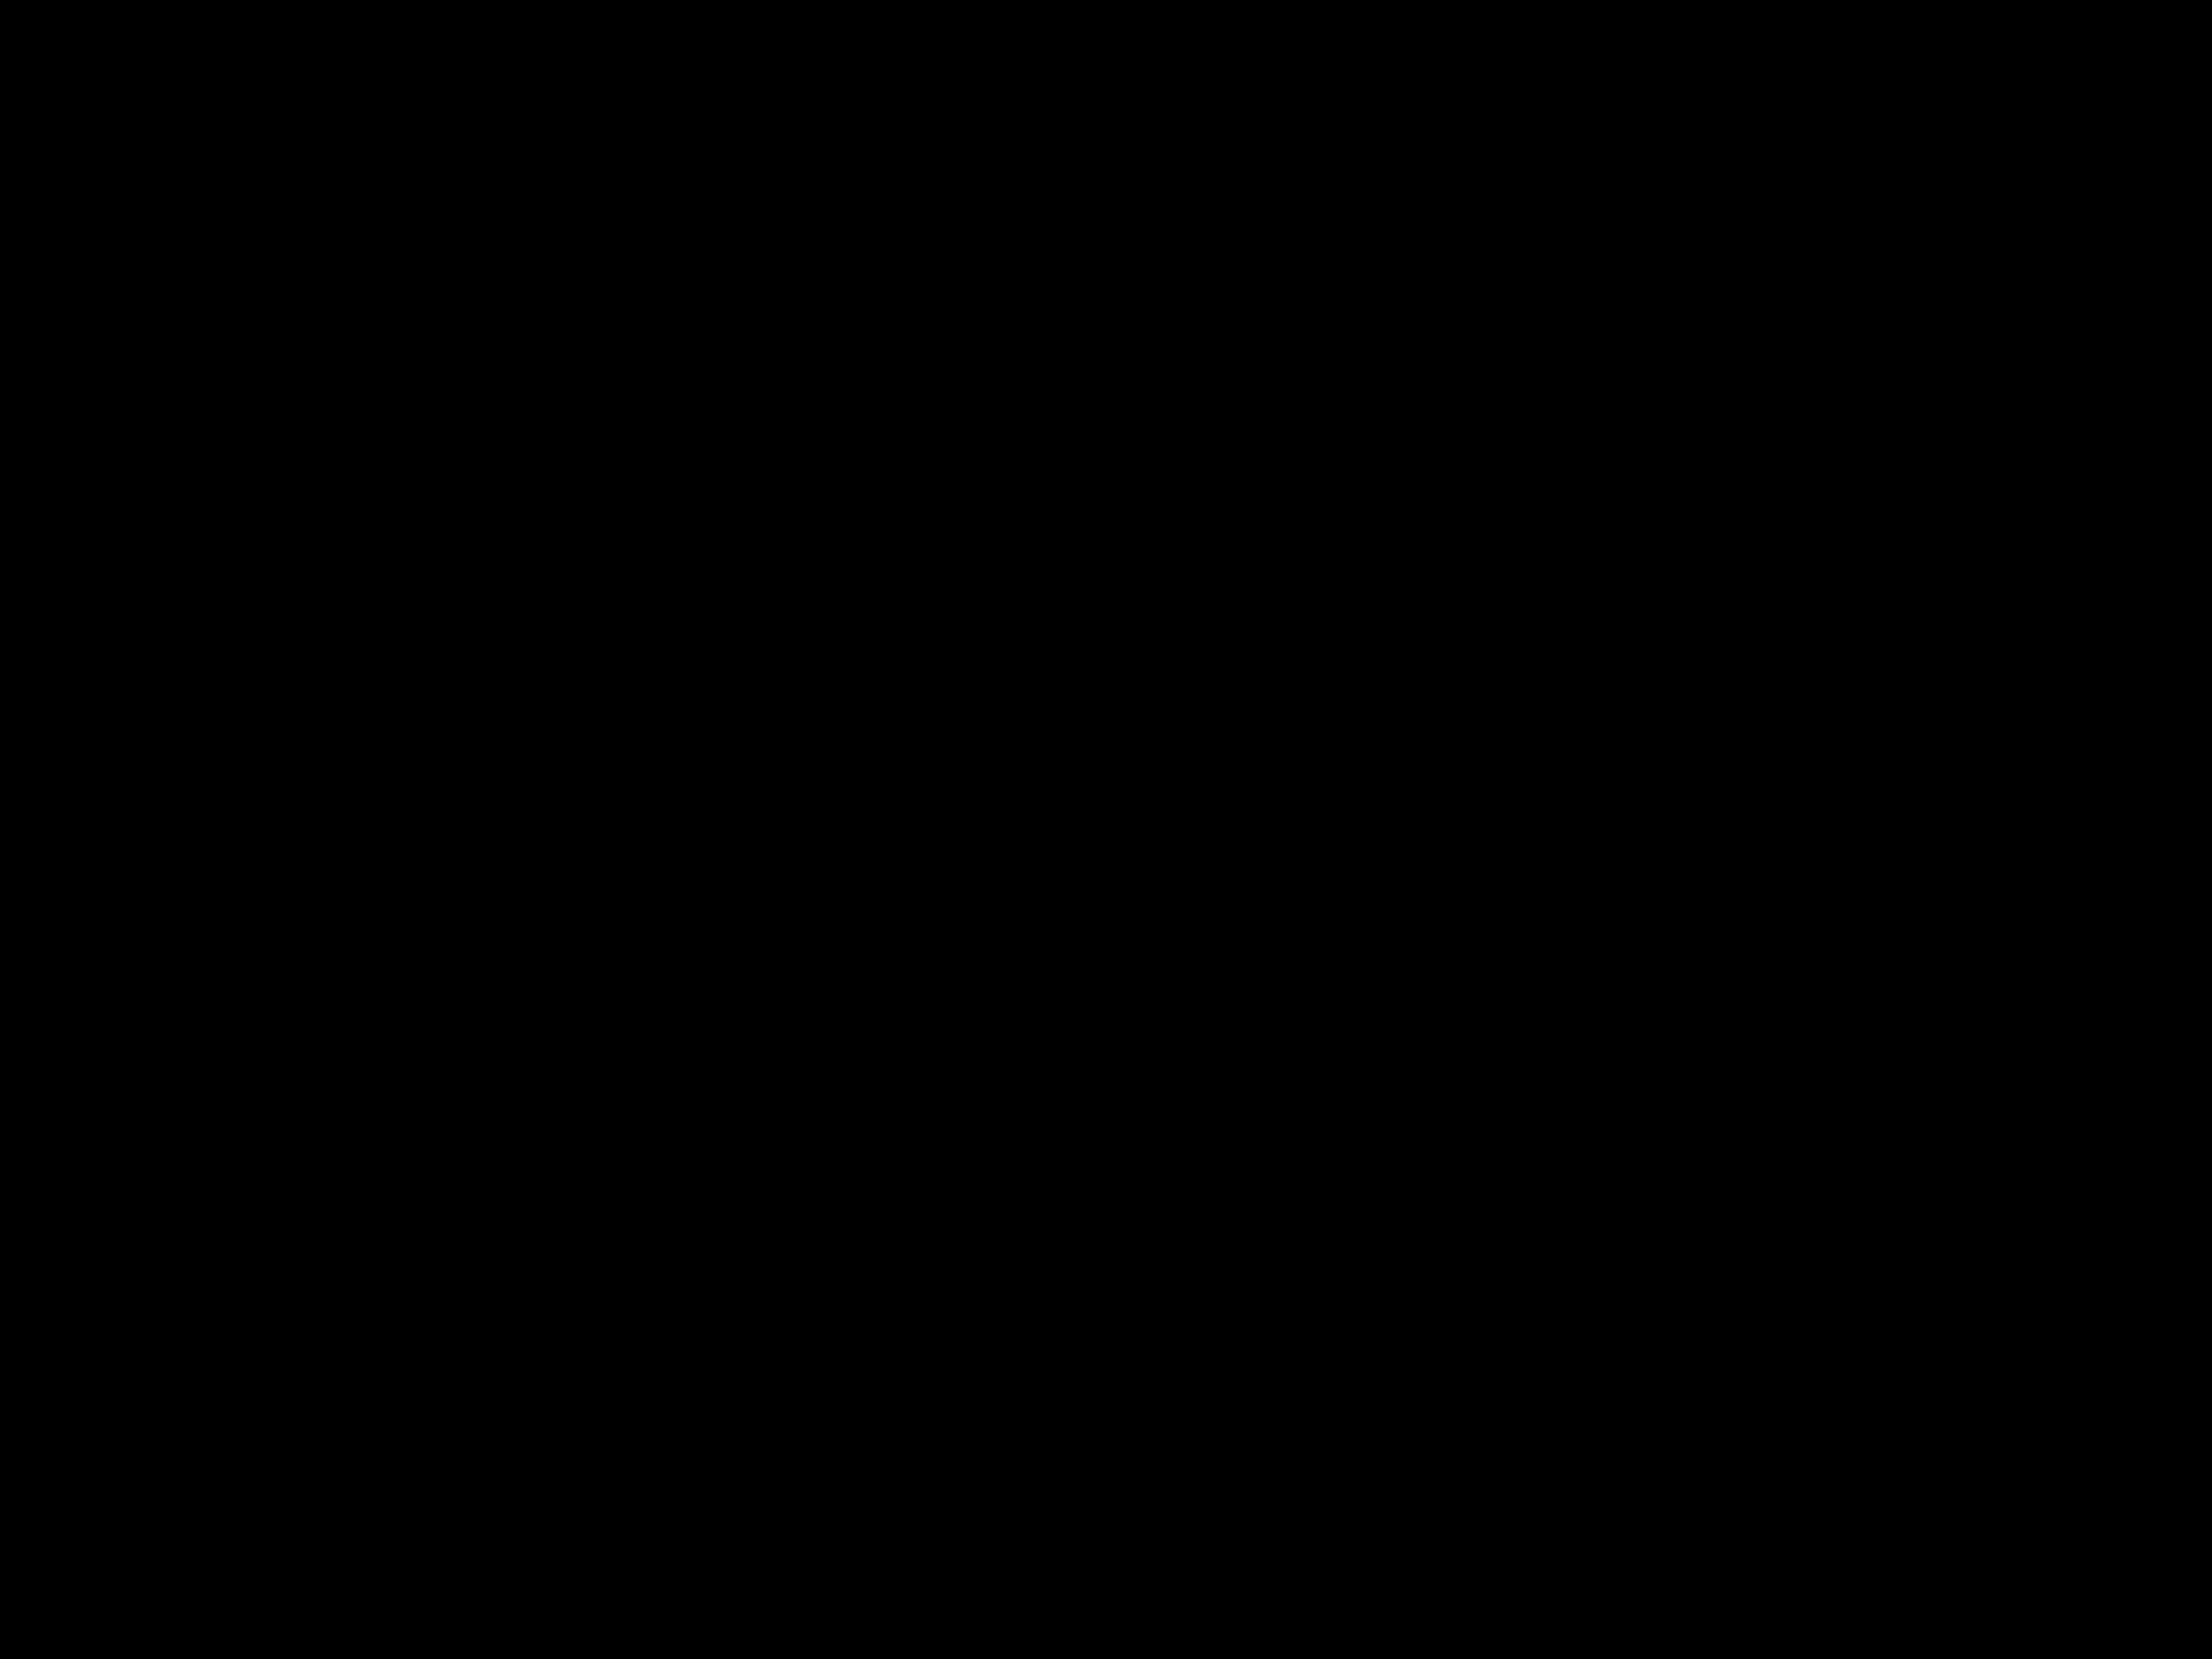 Daniel Carreon Signature